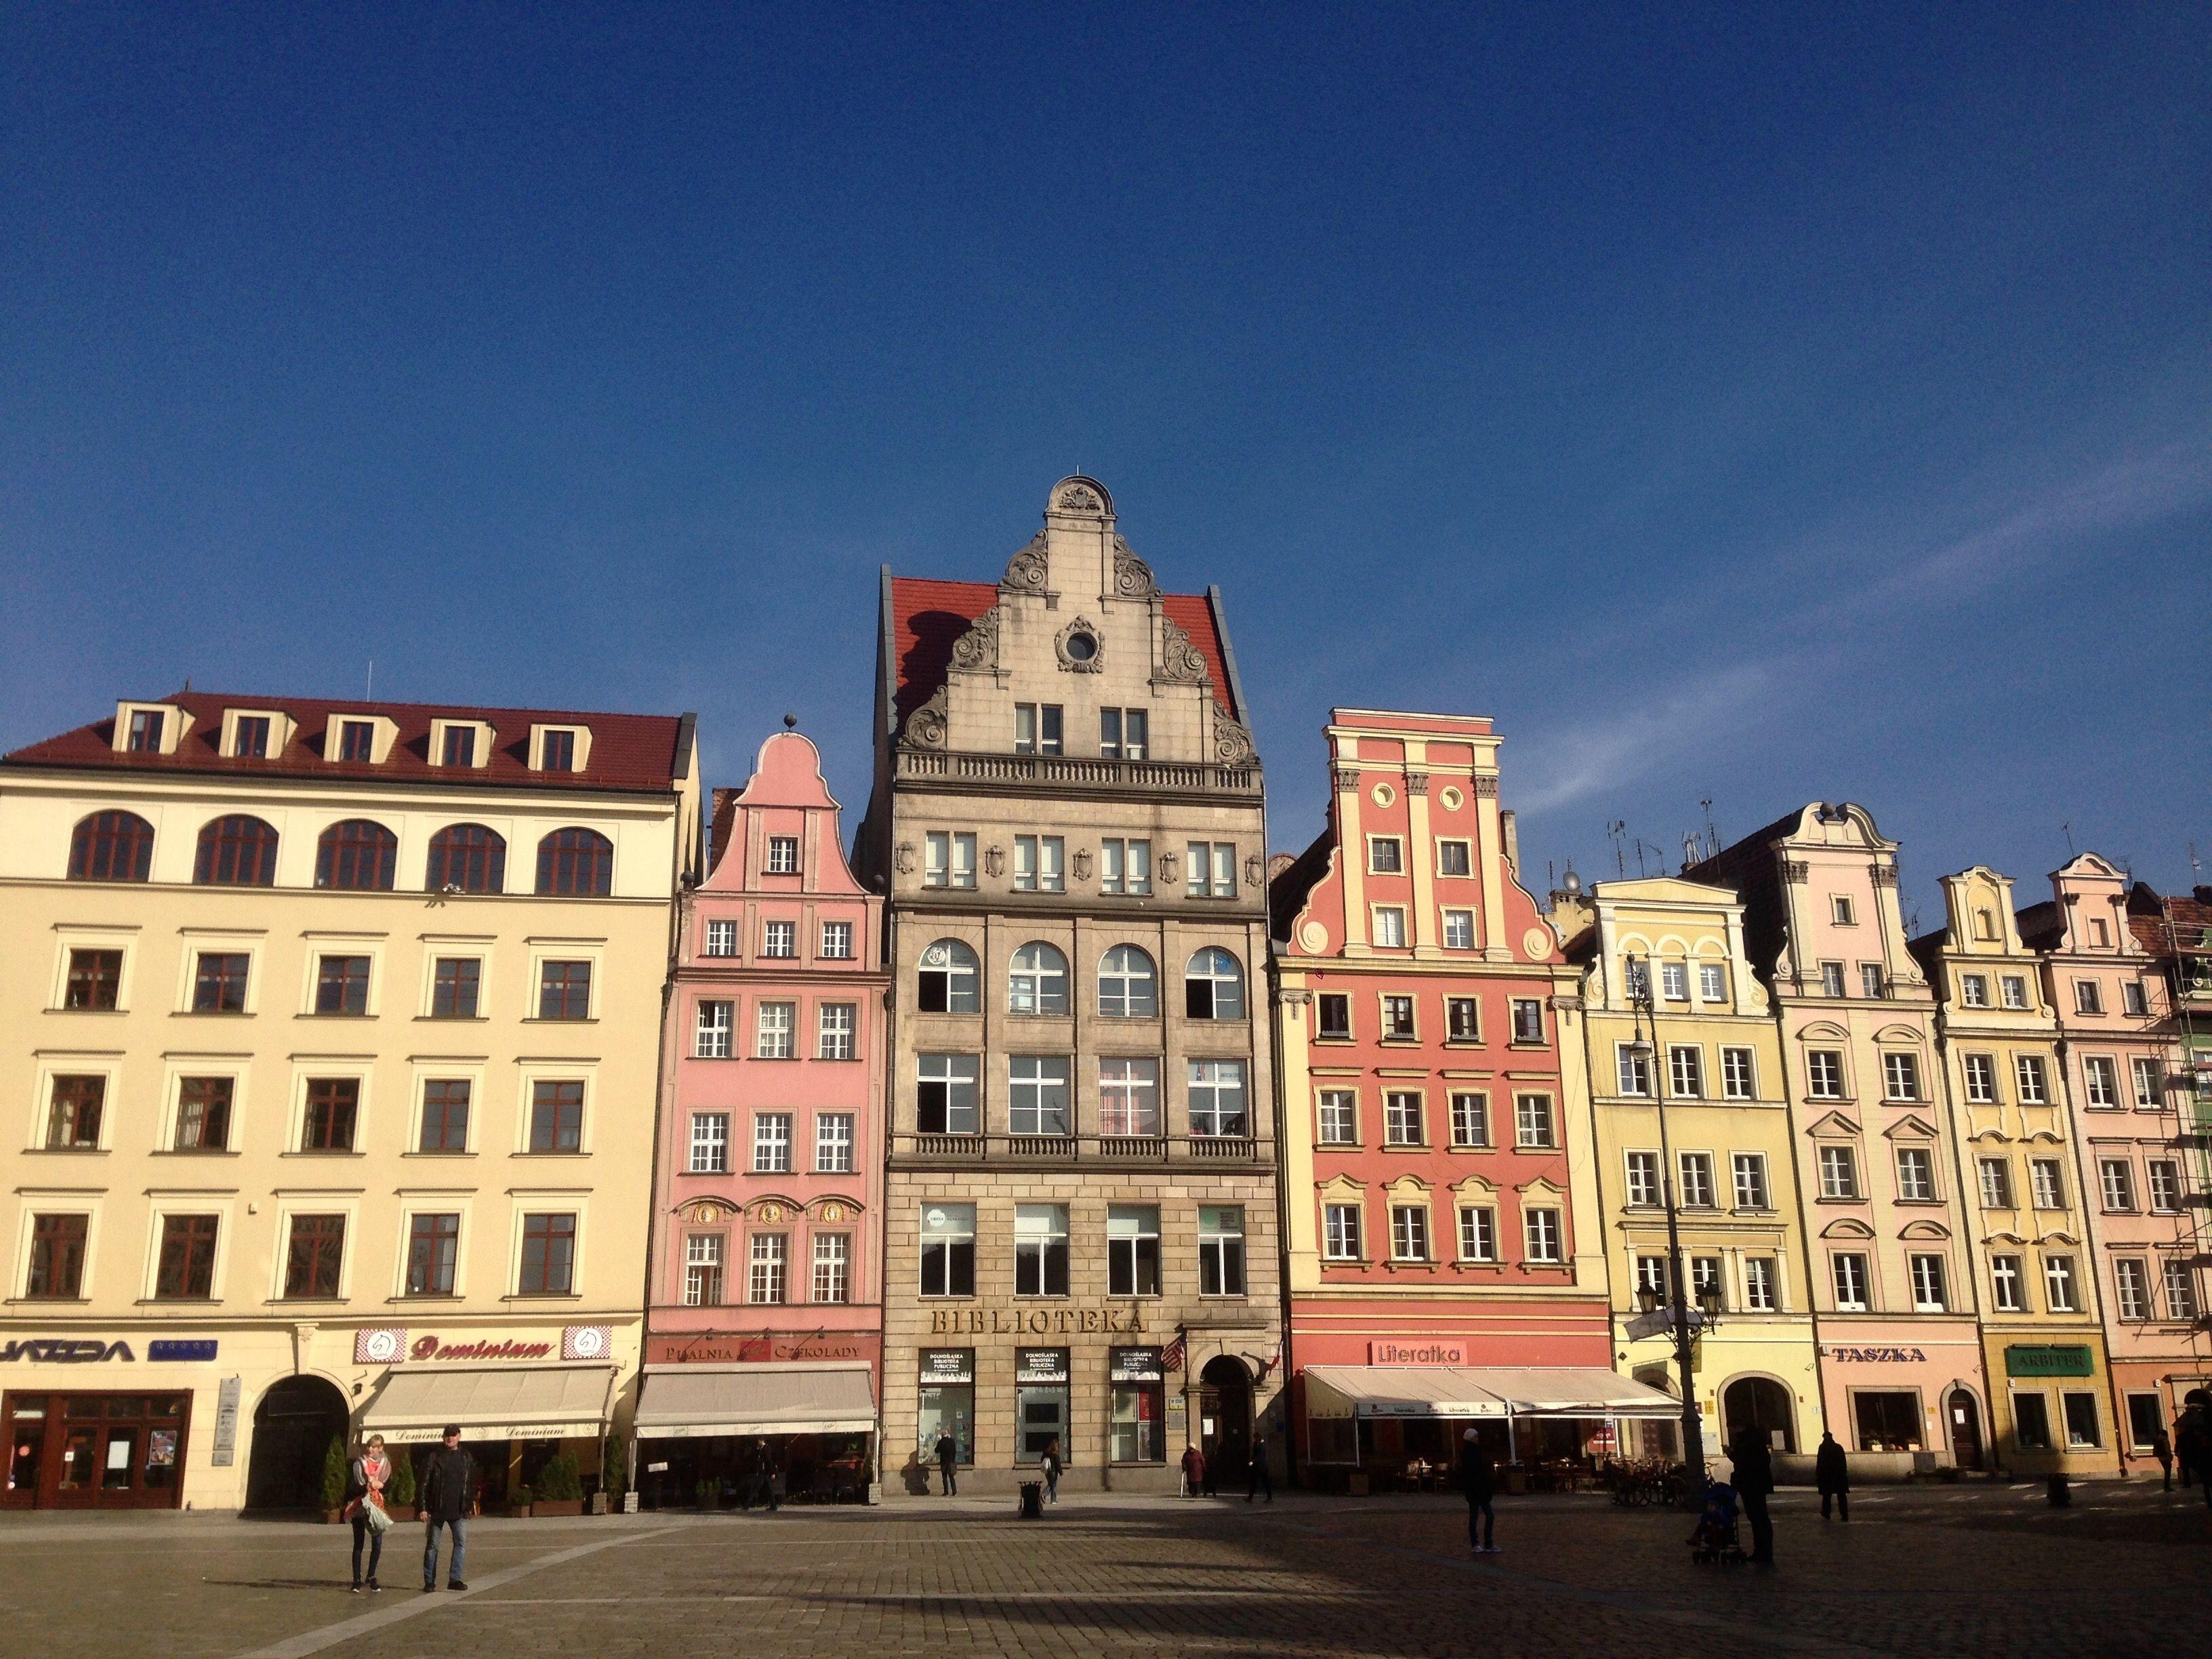 Wunderschönes Breslau